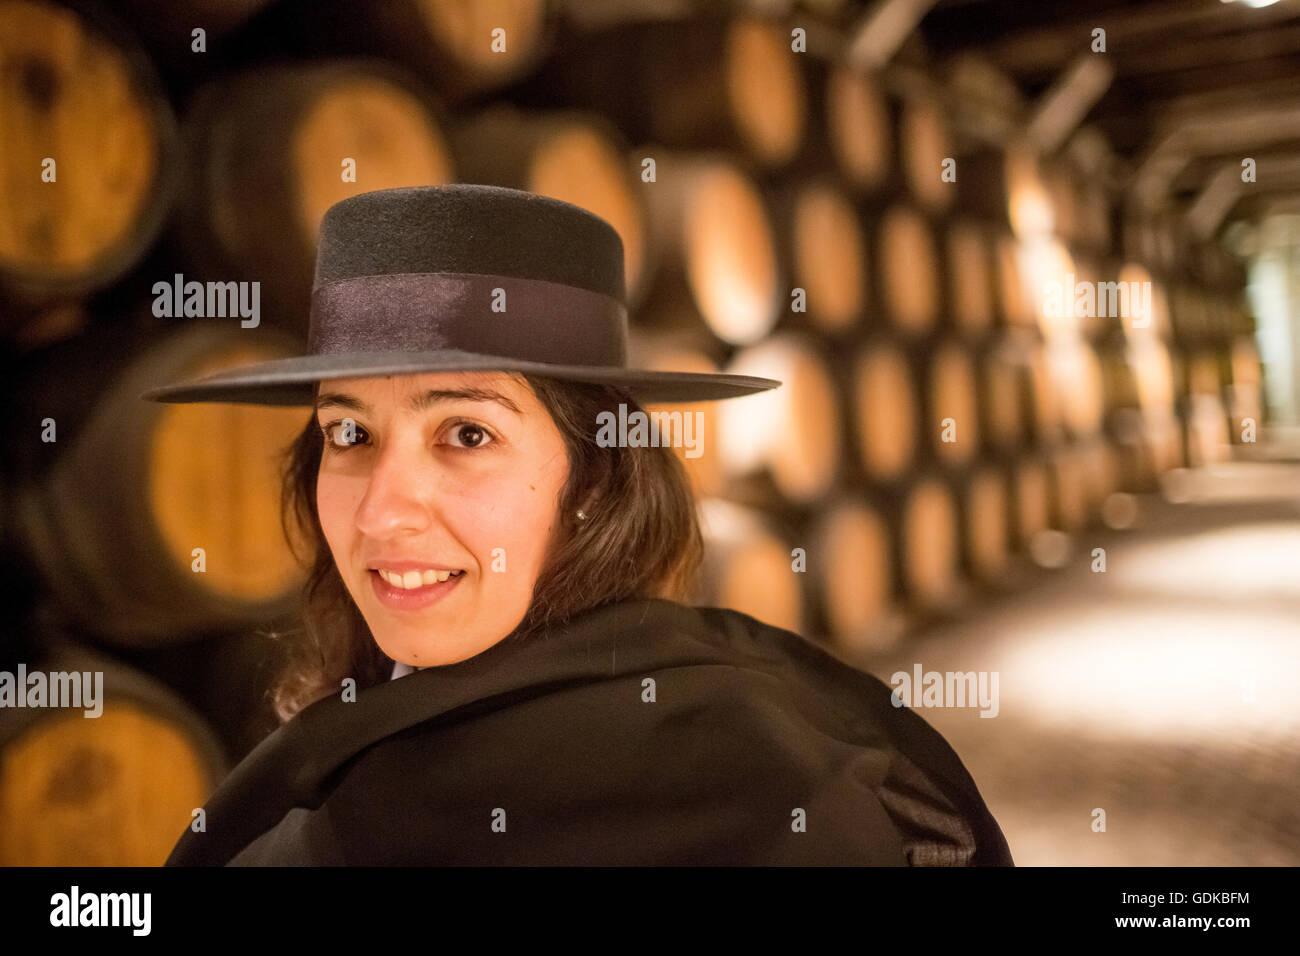 klassische Reiseführer mit Studenten robe Zorro Hut und Cape, Portwein Fässern, Weinkeller der Bodega Stockbild